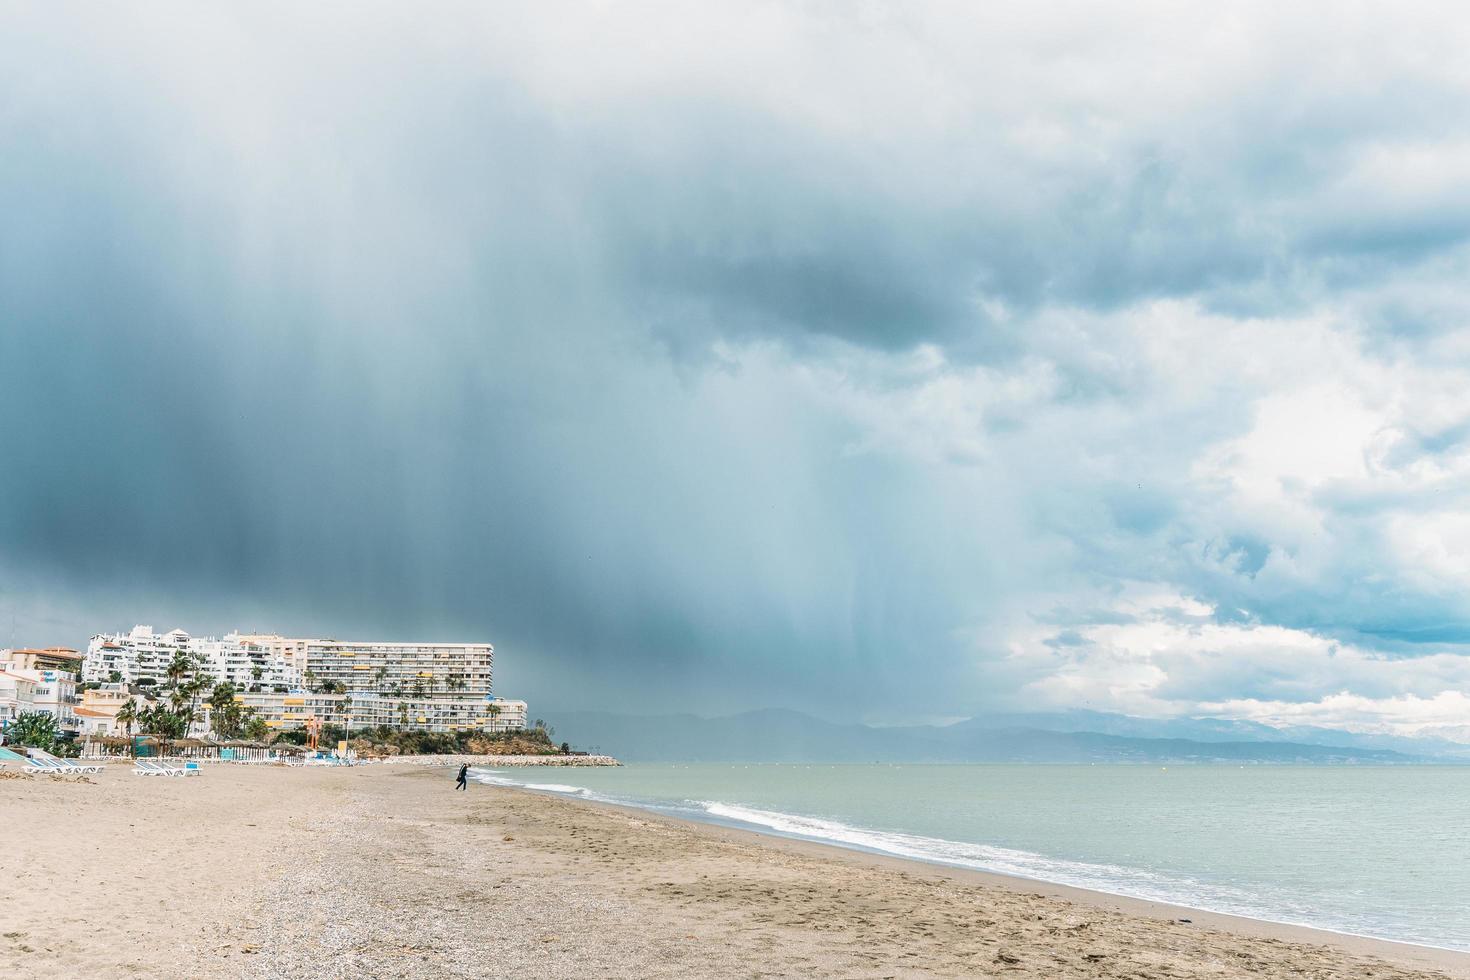 pioggia in spiaggia foto